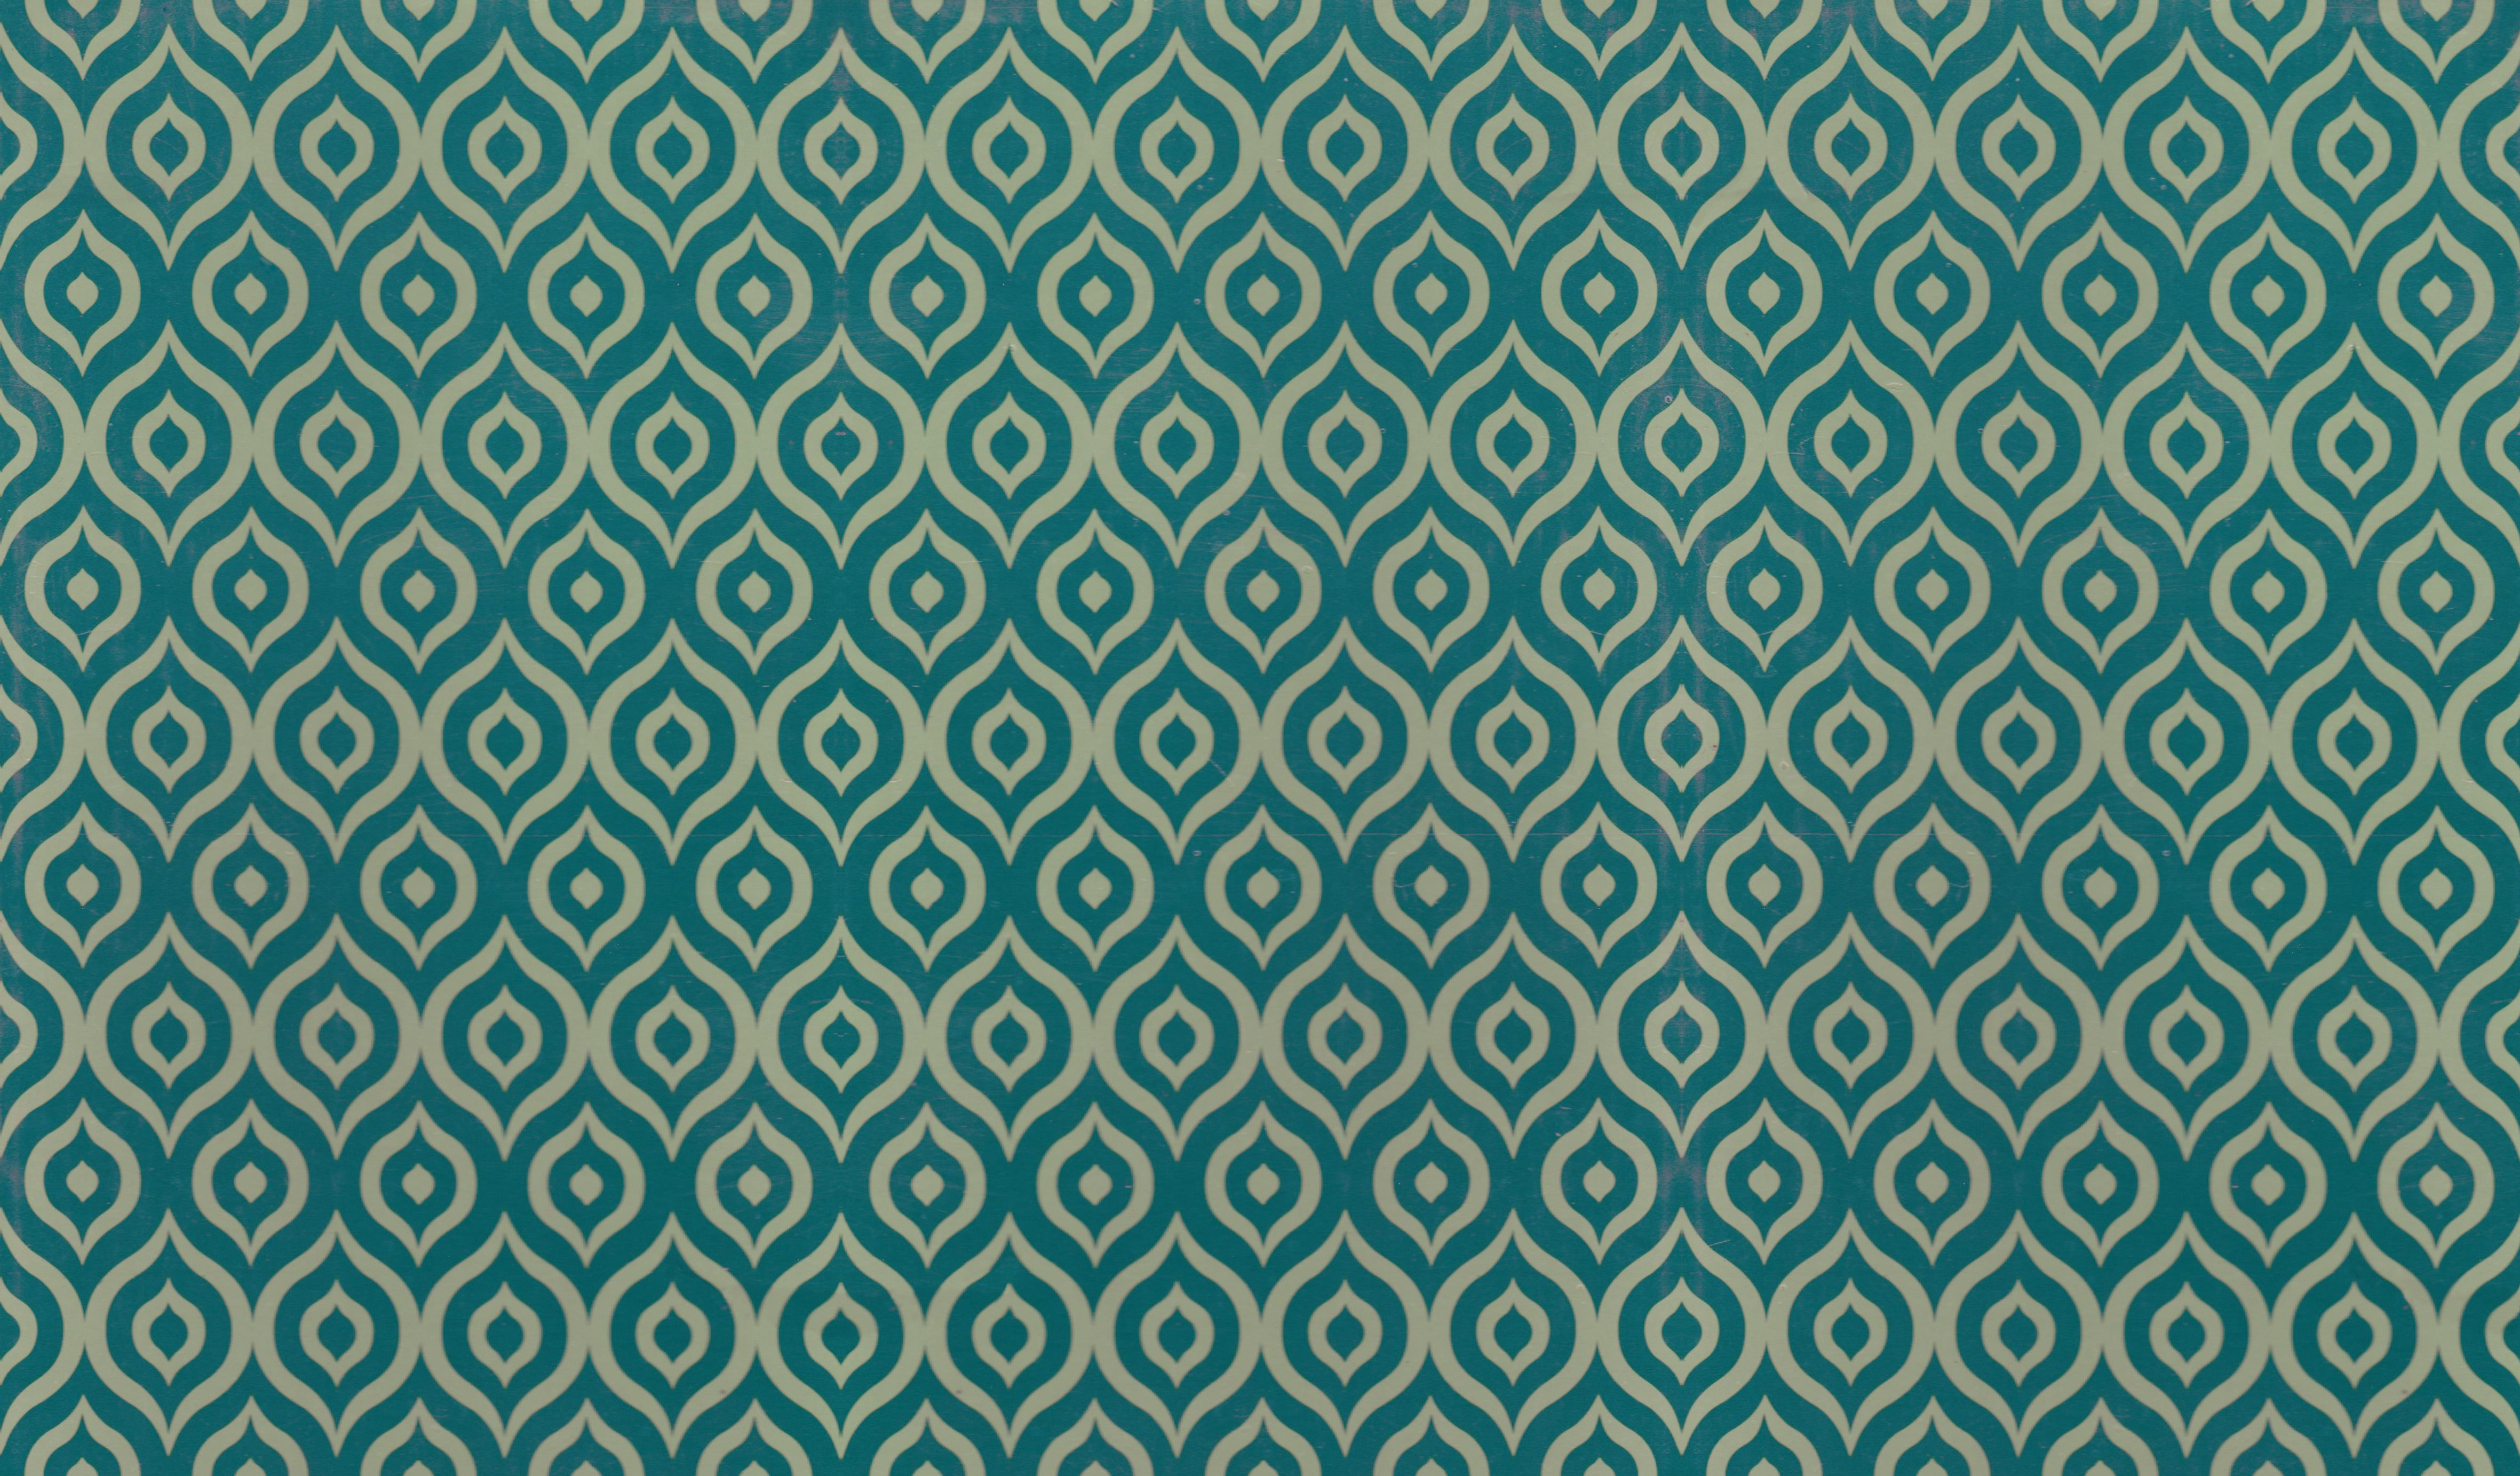 wallpaper a geometric - photo #29